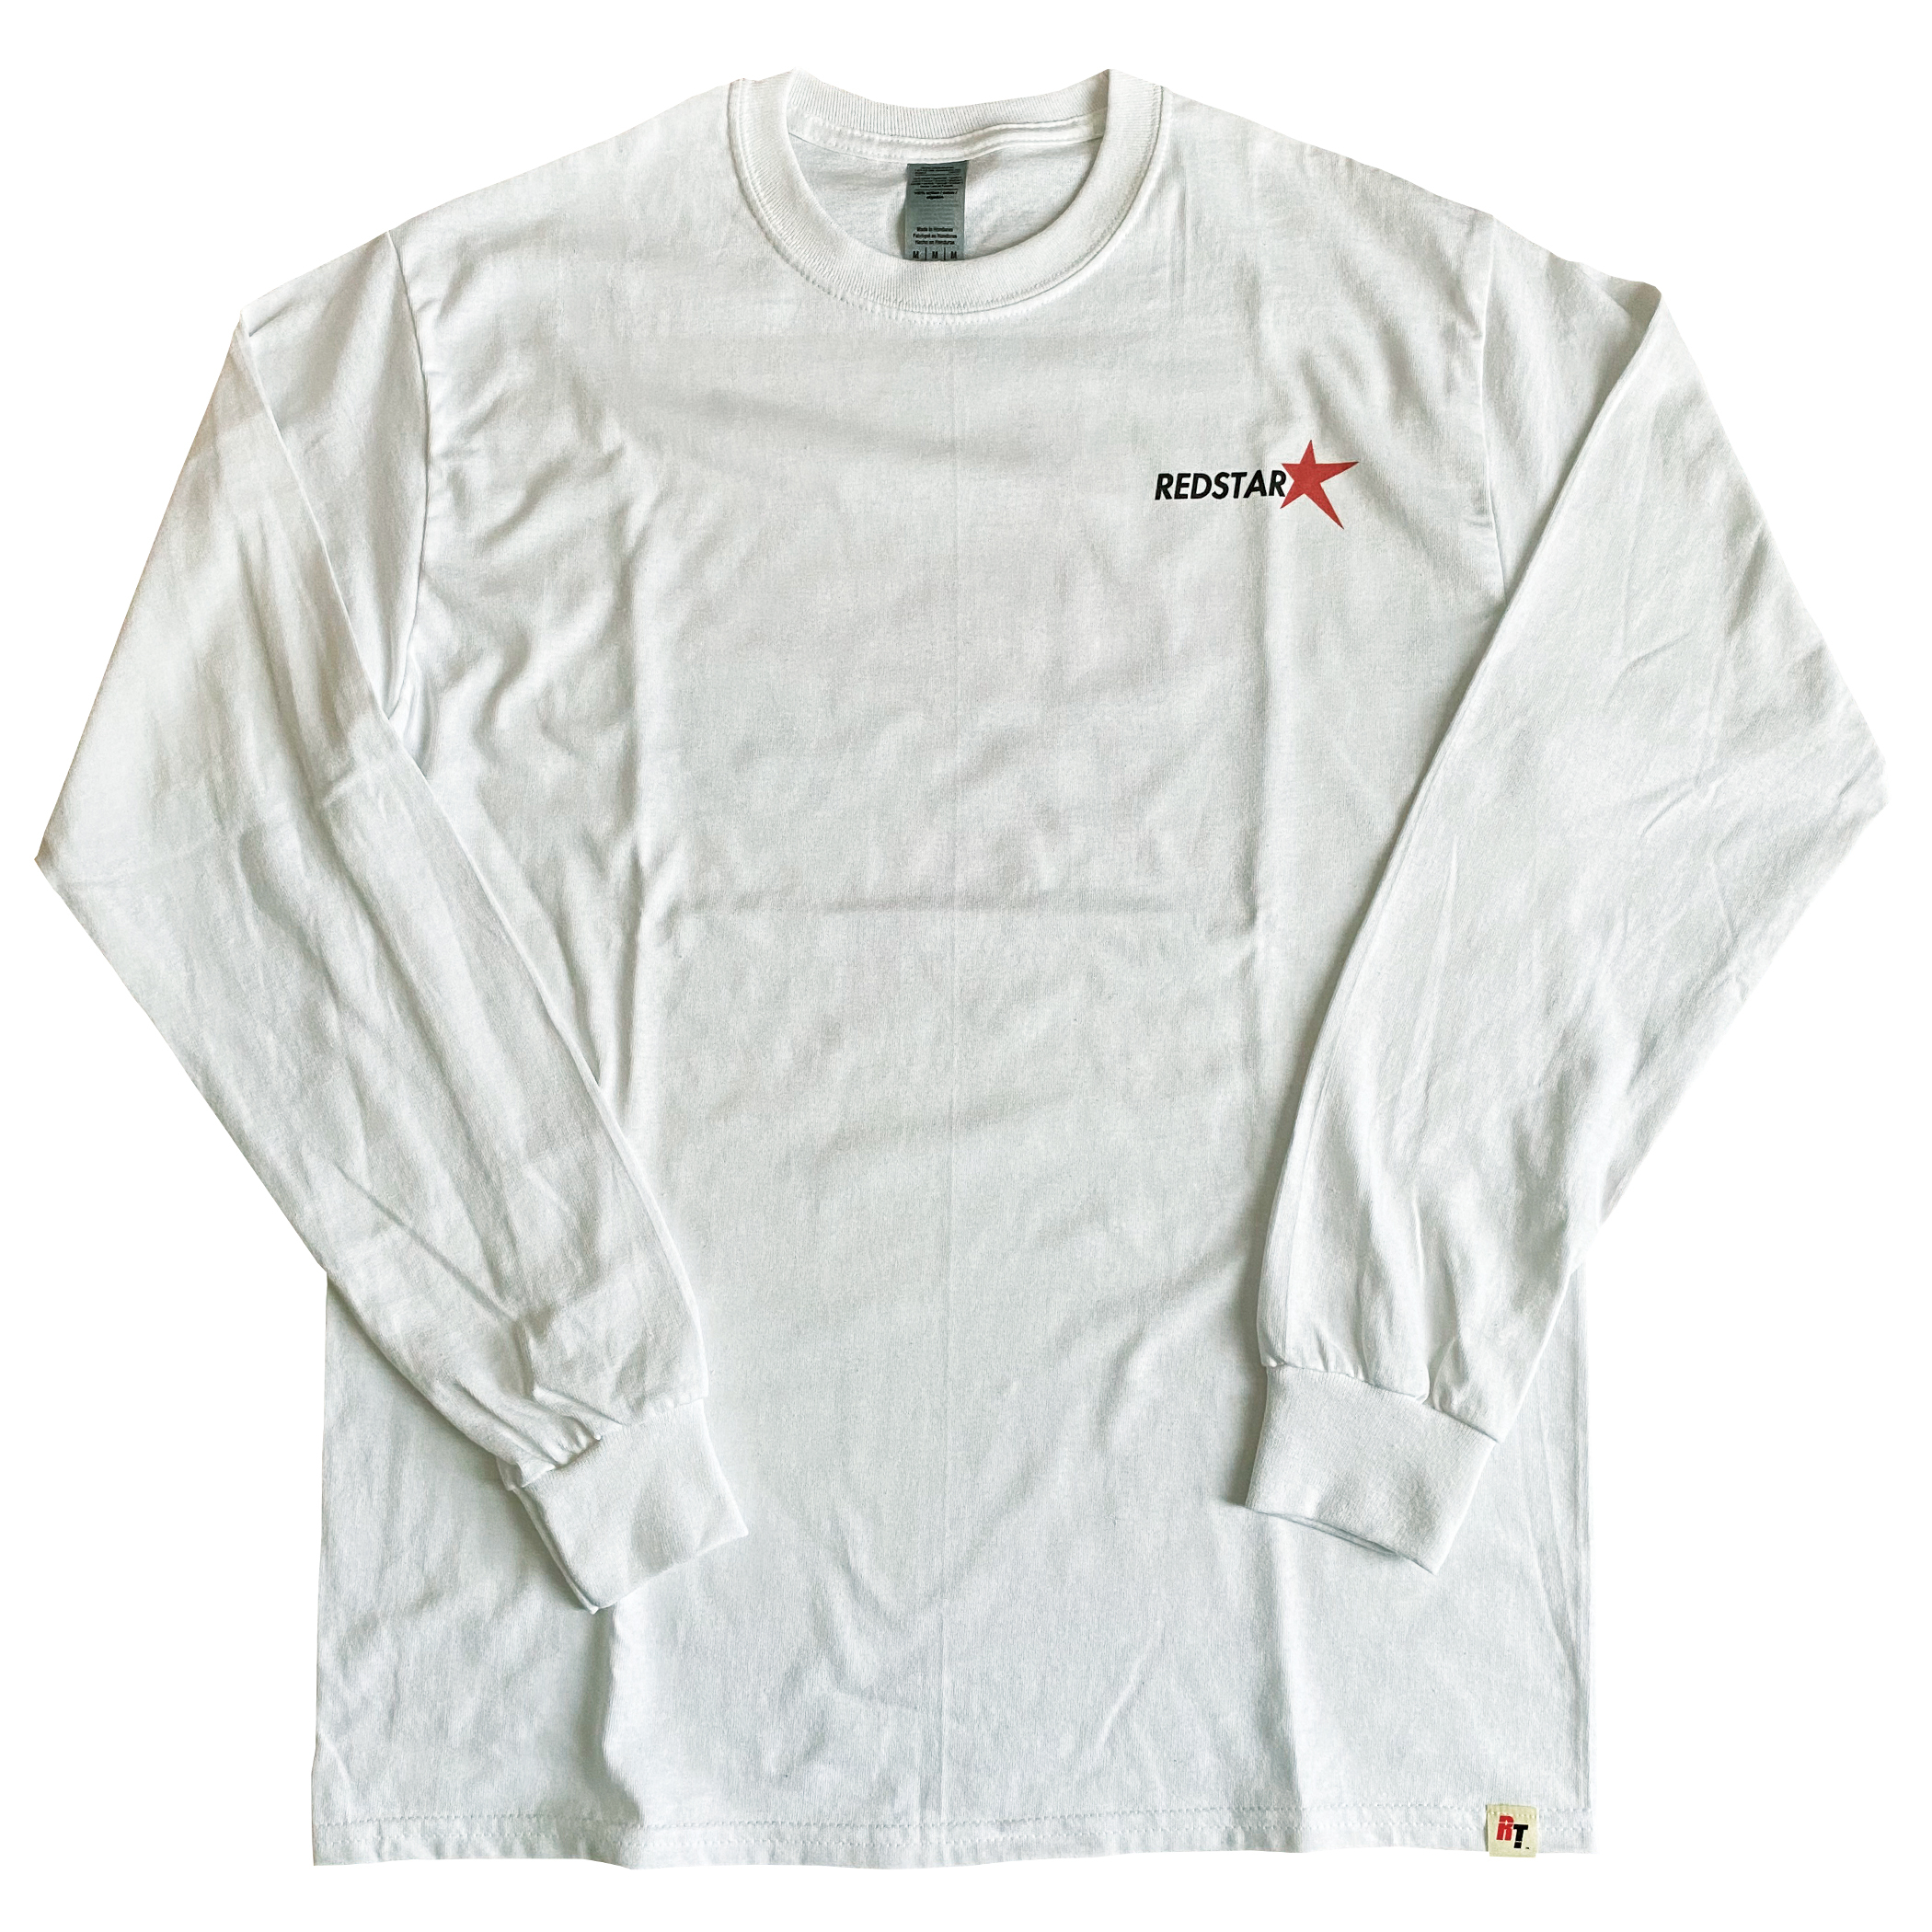 【REDSTAR】レッドスター 両面プリントロングスリーブTシャツ